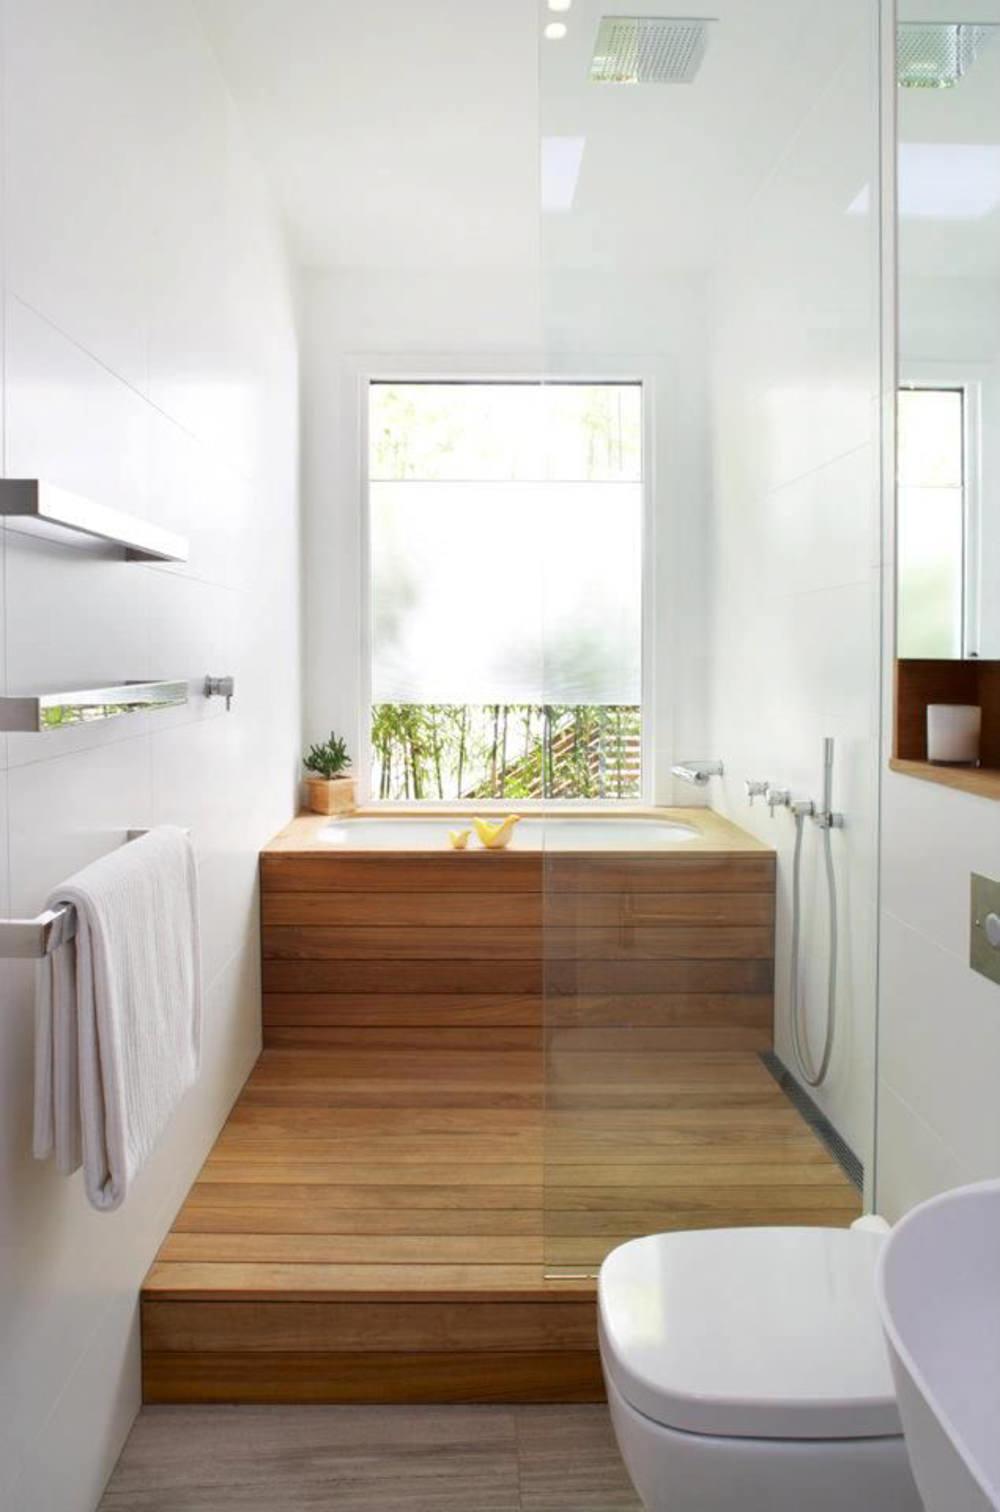 Progetto Bagno 3 Mq ristrutturare un bagno piccolo • 50 idee, soluzioni moderne